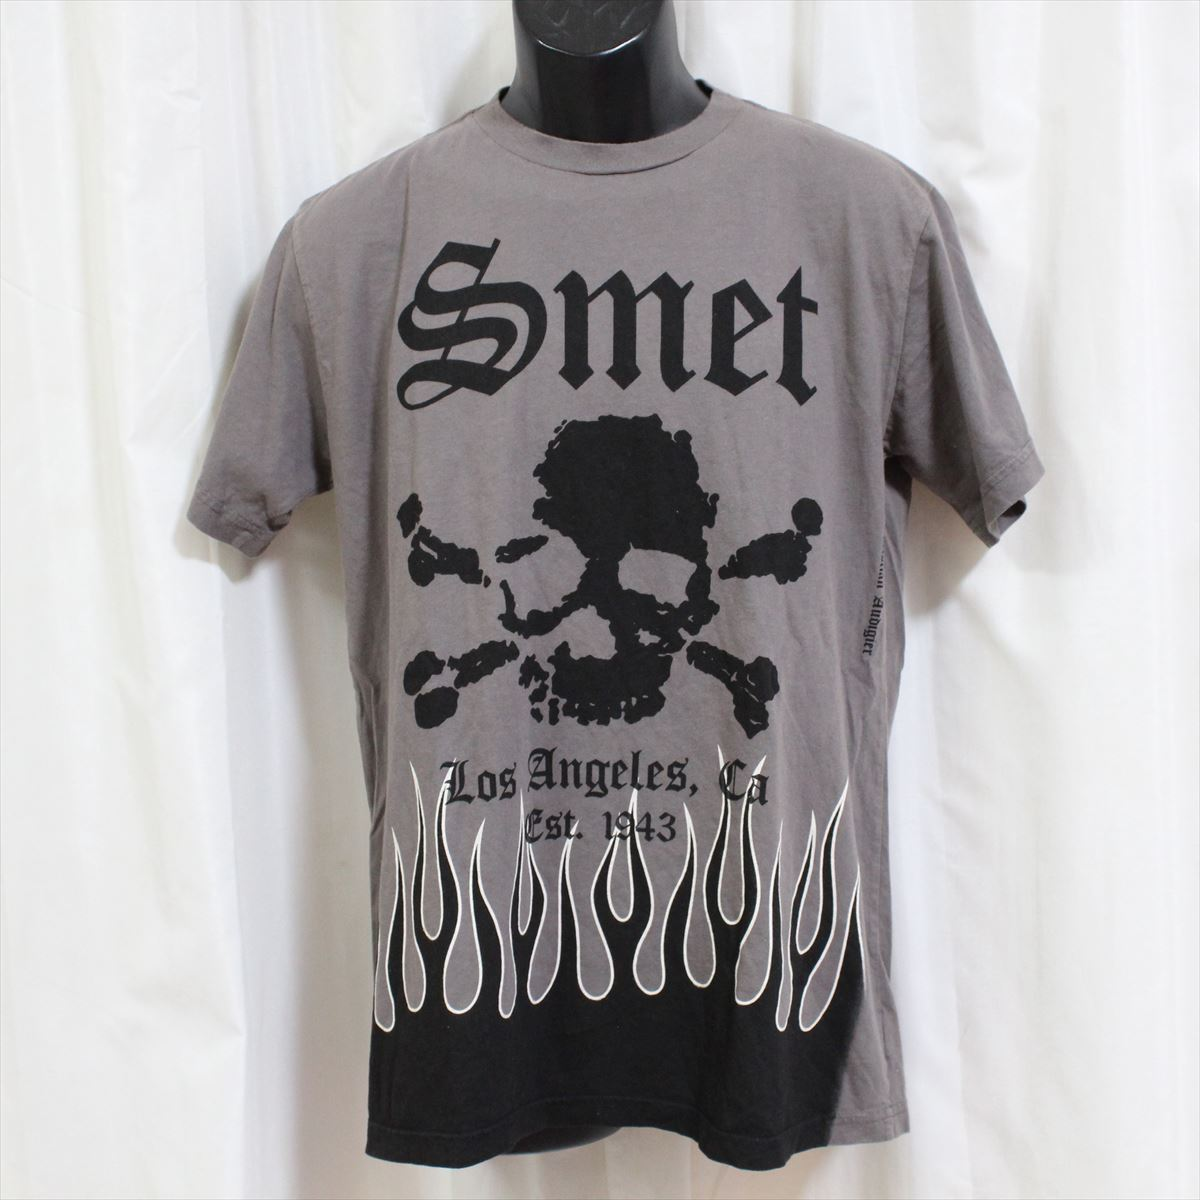 スメット SMET メンズ半袖Tシャツ グレー Sサイズ NO1 新品_画像1